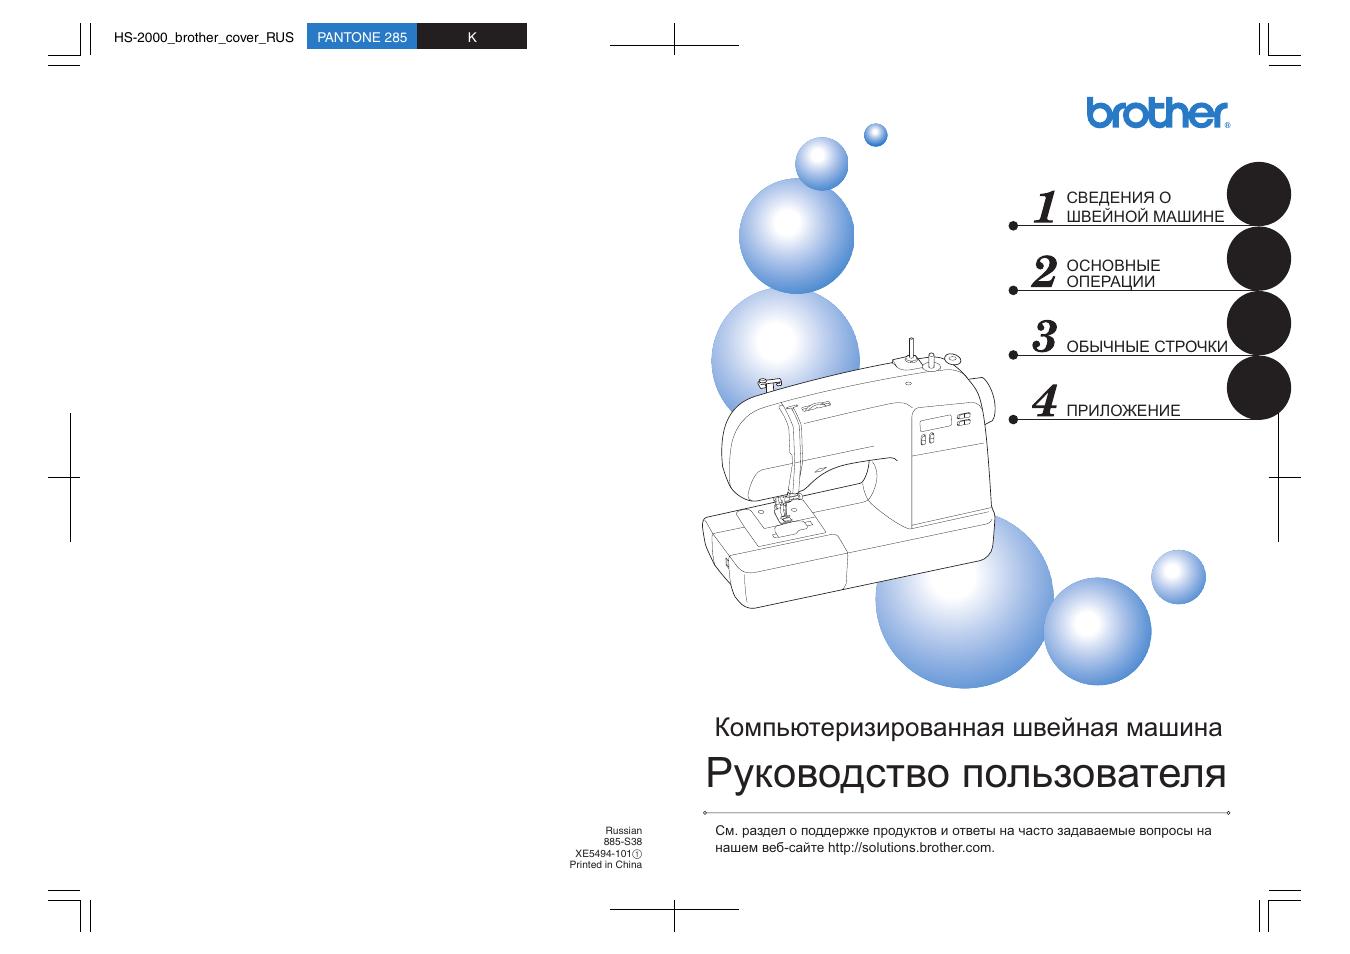 Просмотр инструкции швейной машинки brother sm-340e, страница 1.